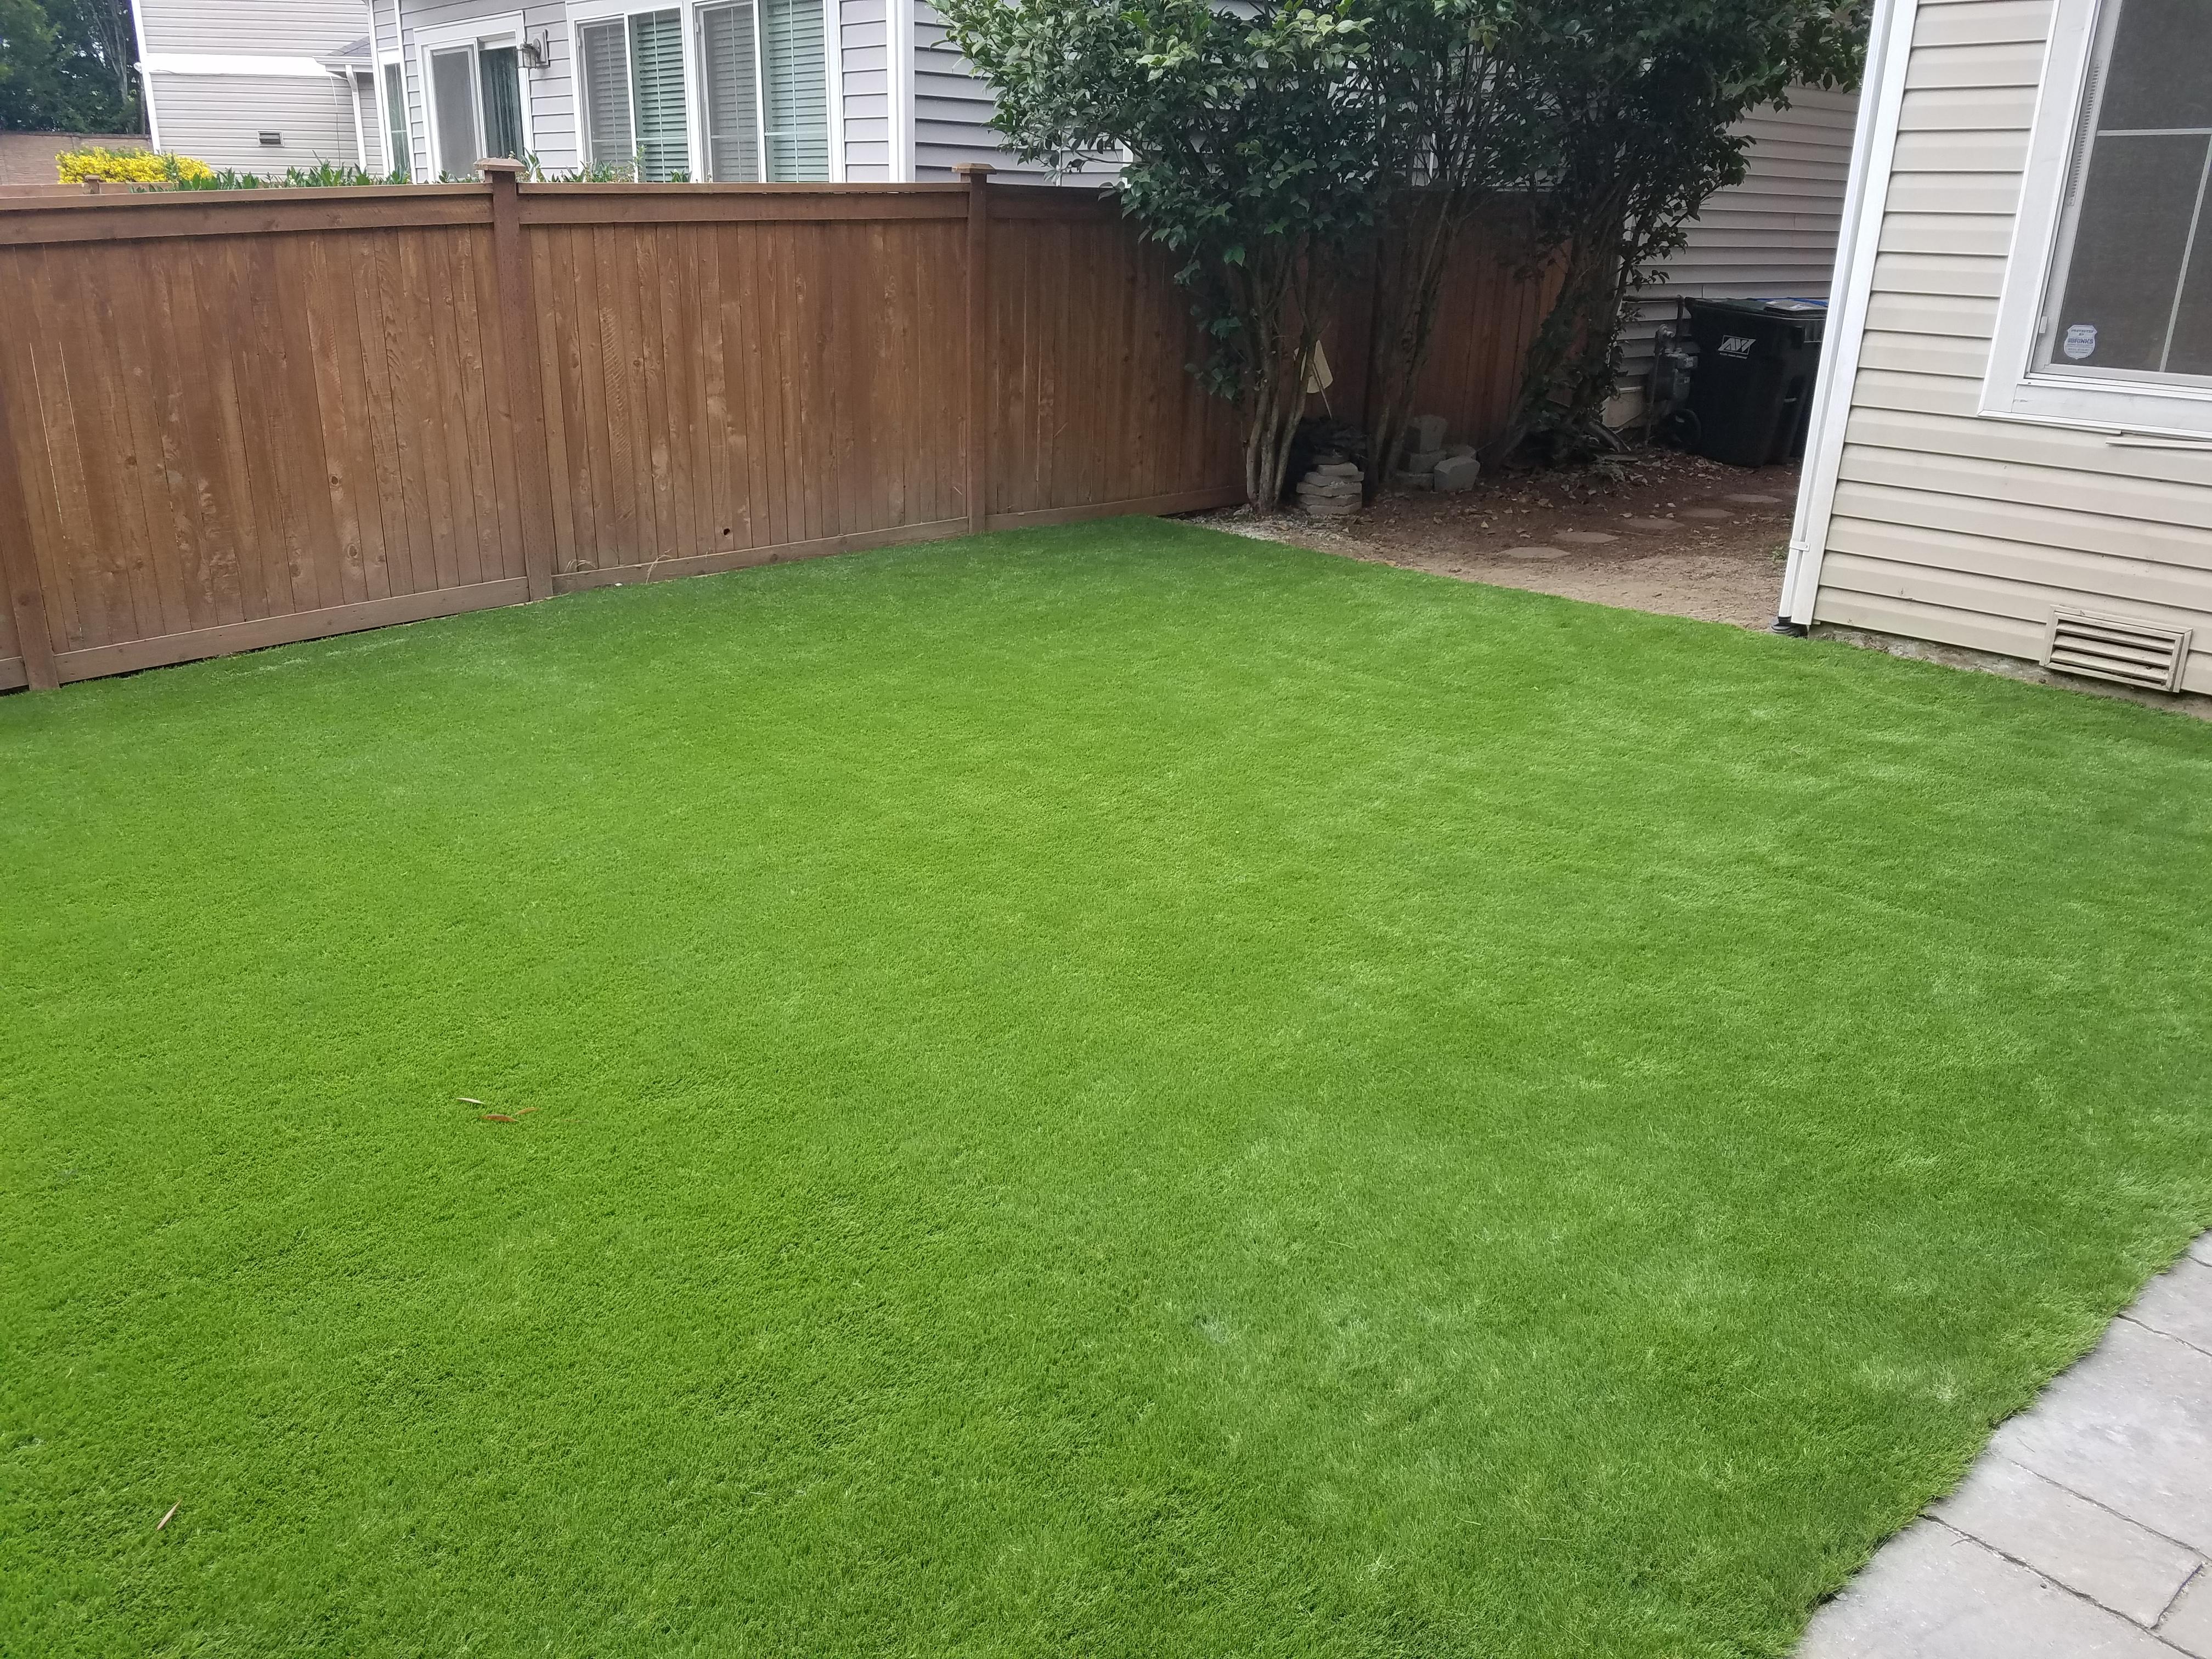 Artificial Grass Testimonials Best Artificial Turf Reviews